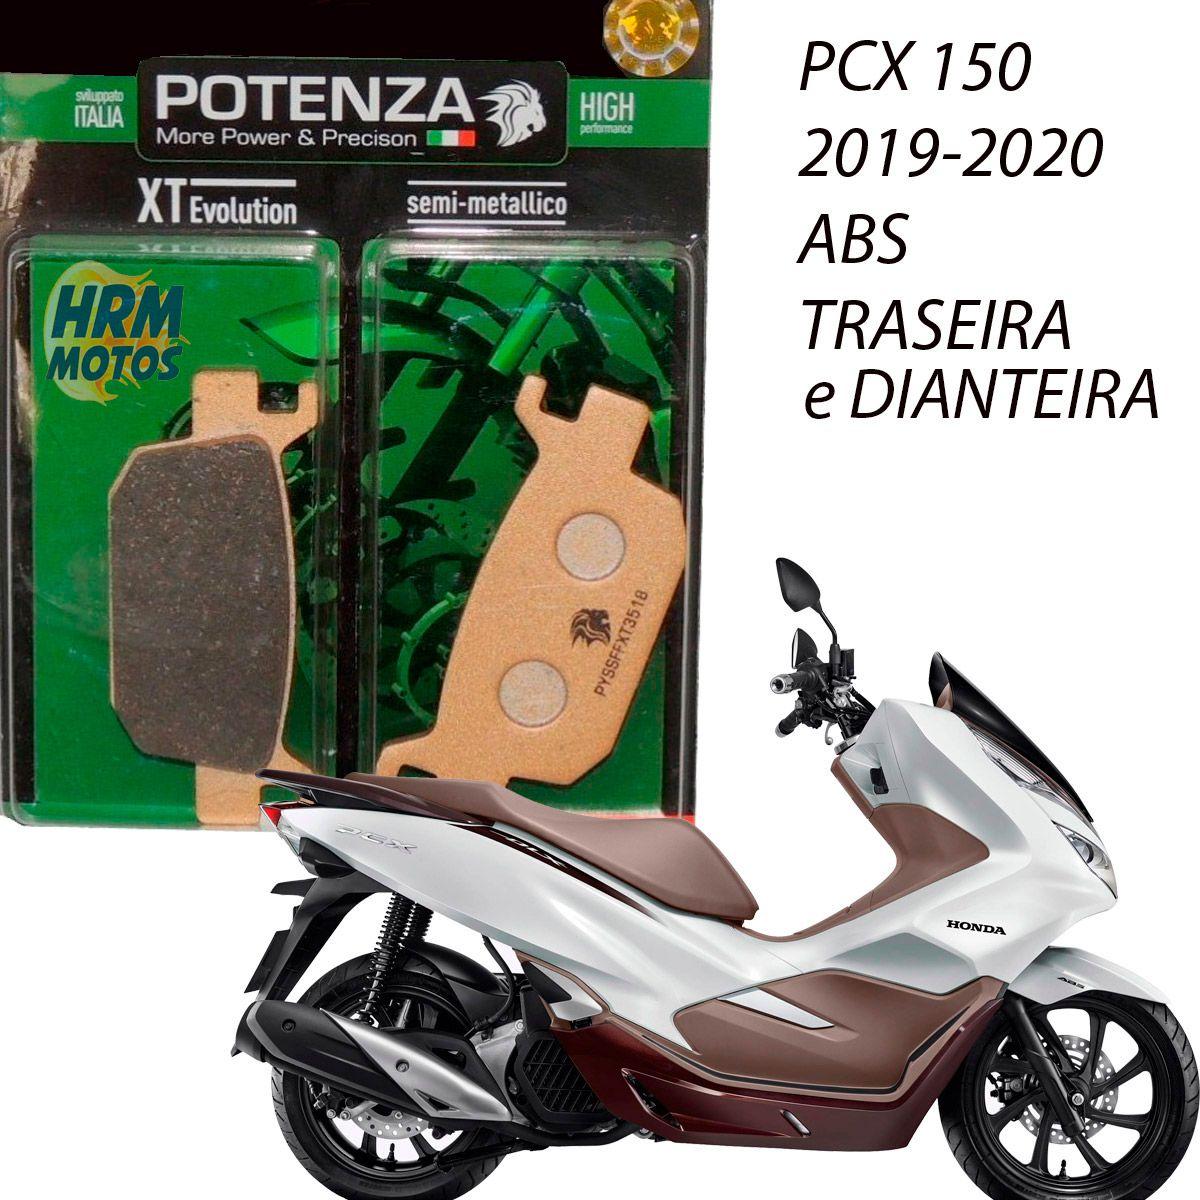 Jg Pastilha Freio PCX 150 2019/2020 ABS Potenza